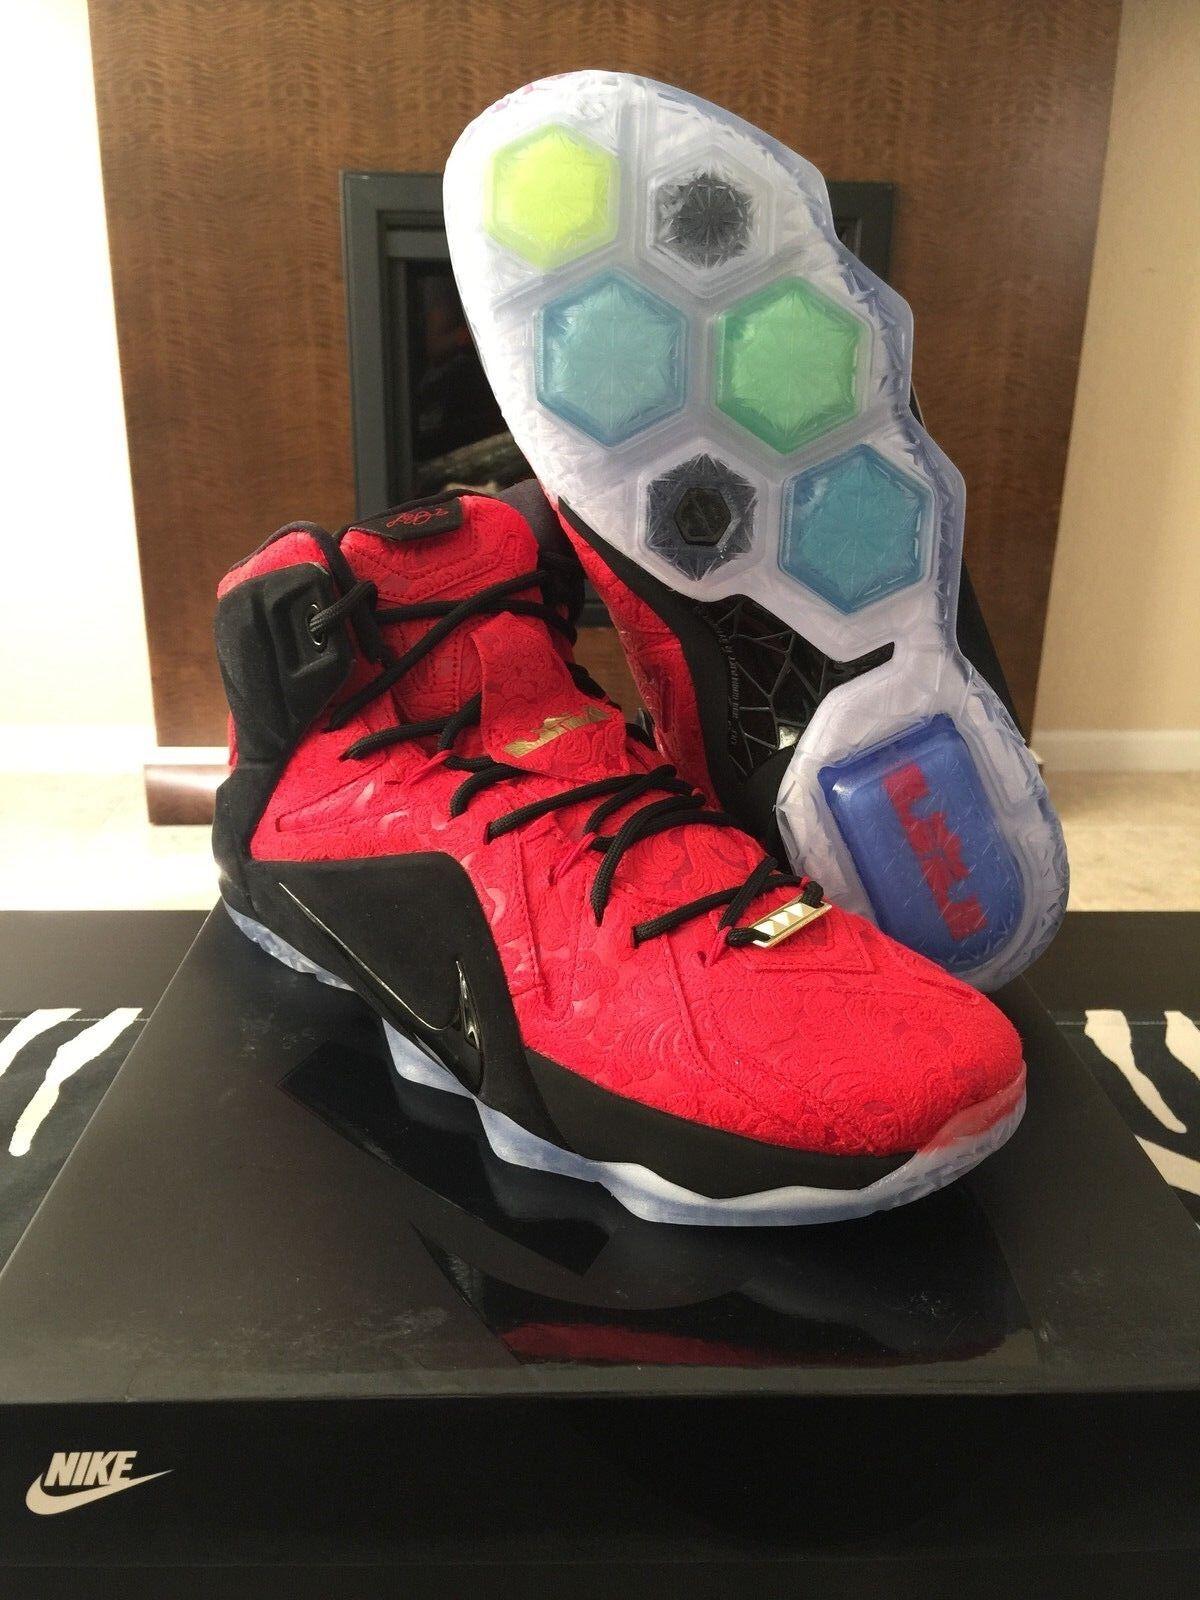 promo code acffb db306 Nike air lebron xii di citt   13 - - - 8 - 11 rosso